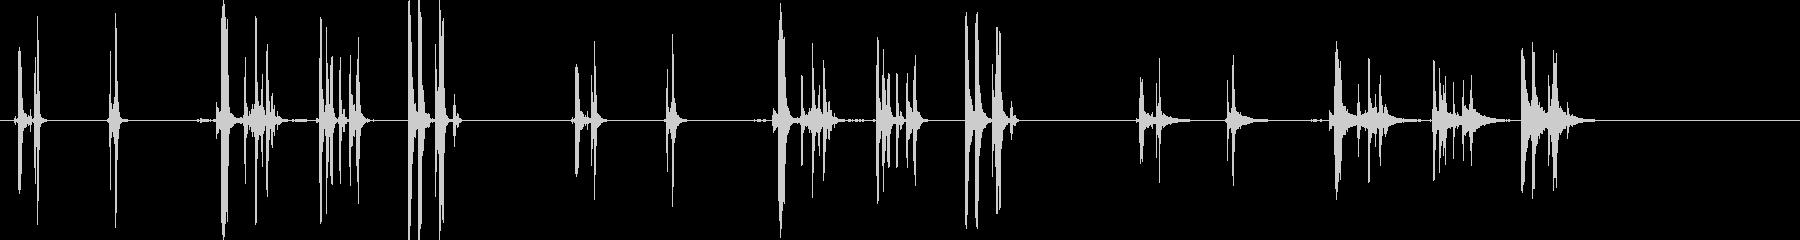 LATCH、2バージョンX 3ルー...の未再生の波形